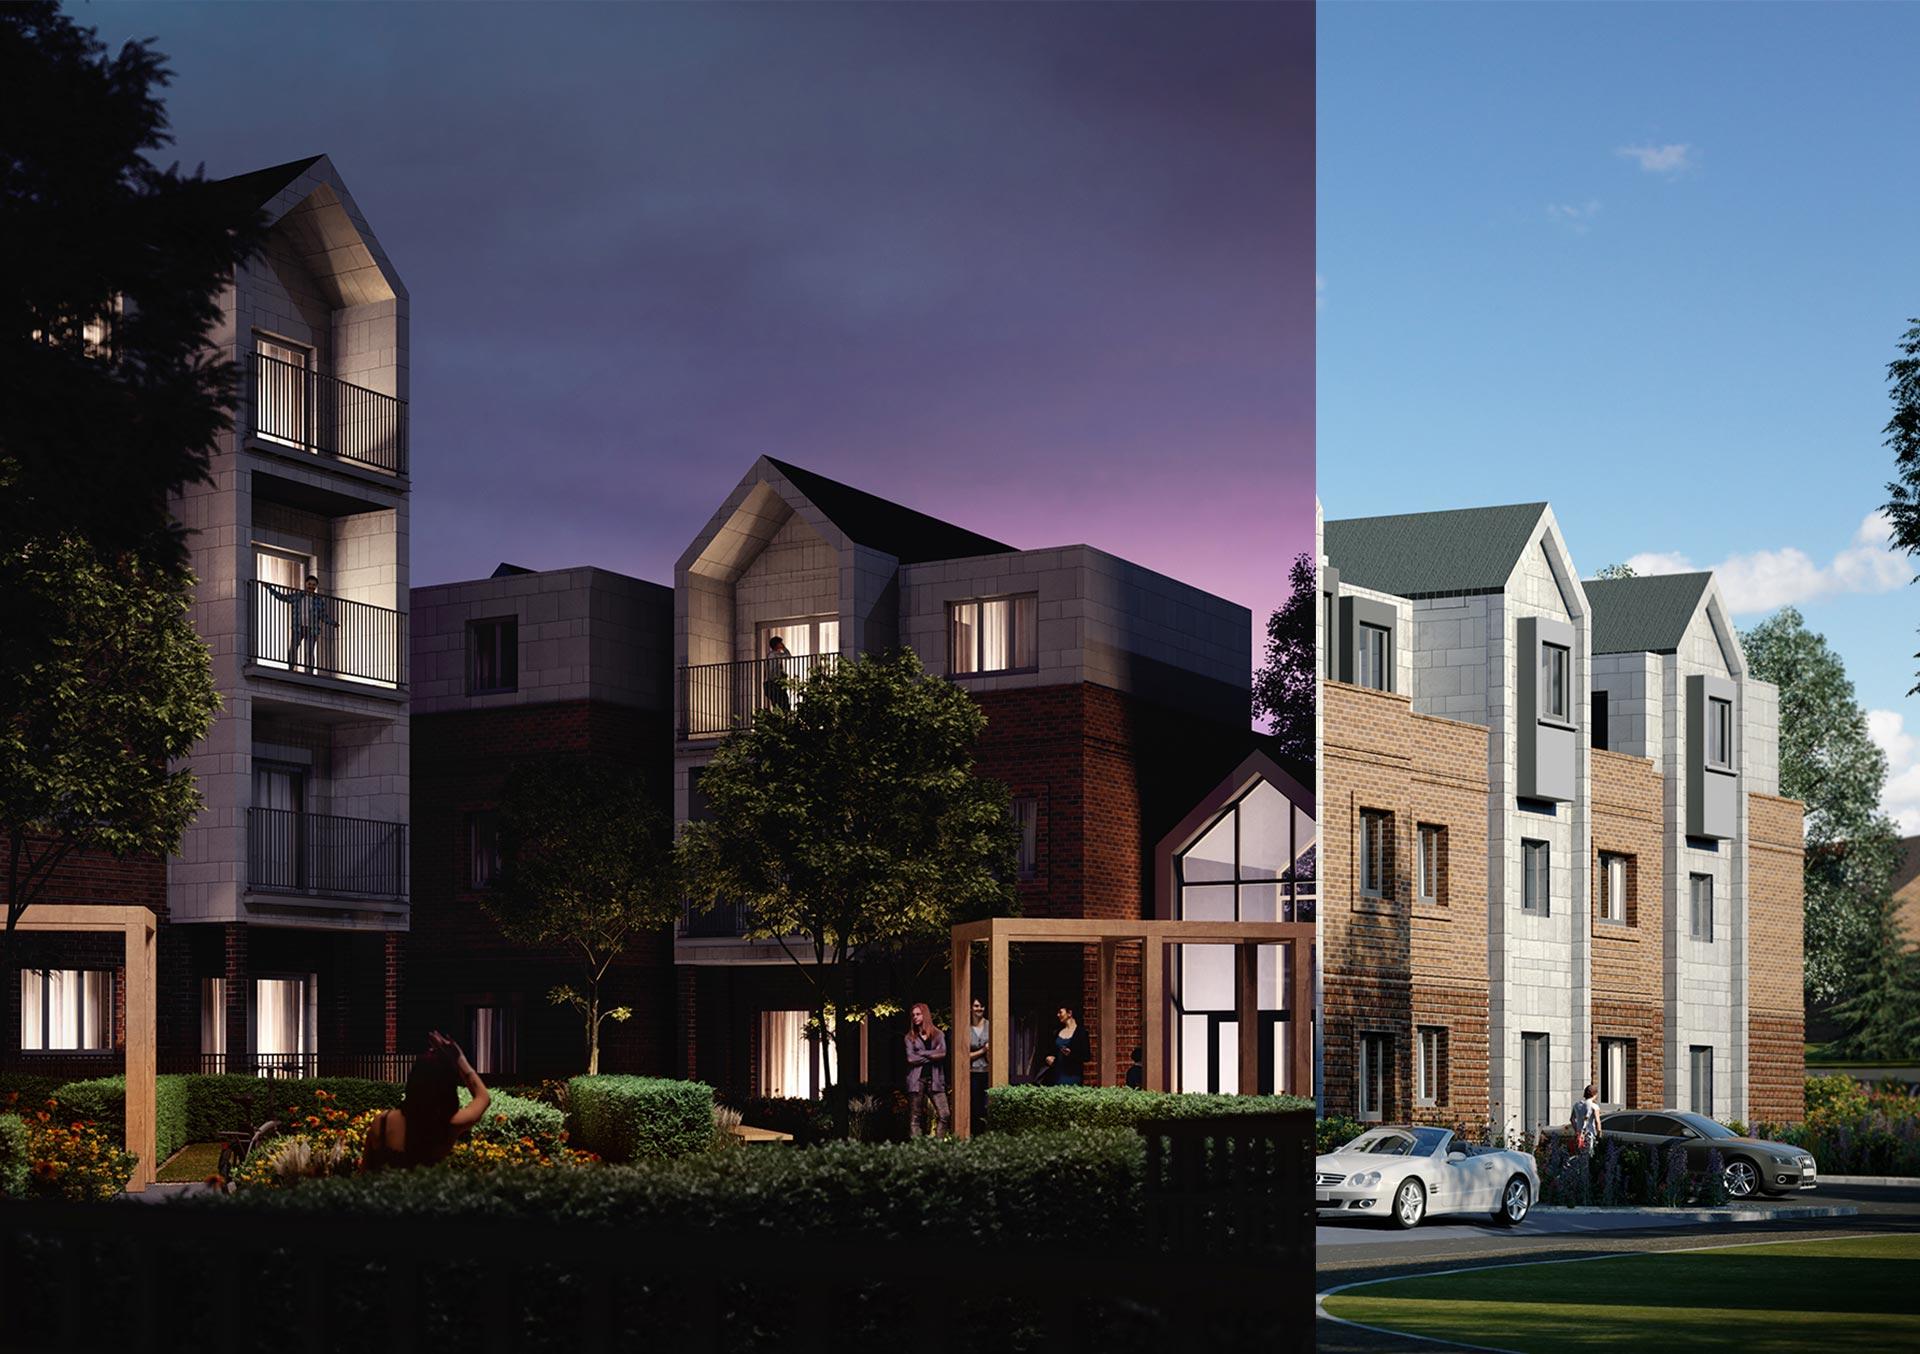 Seven Oaks Architectural Visual